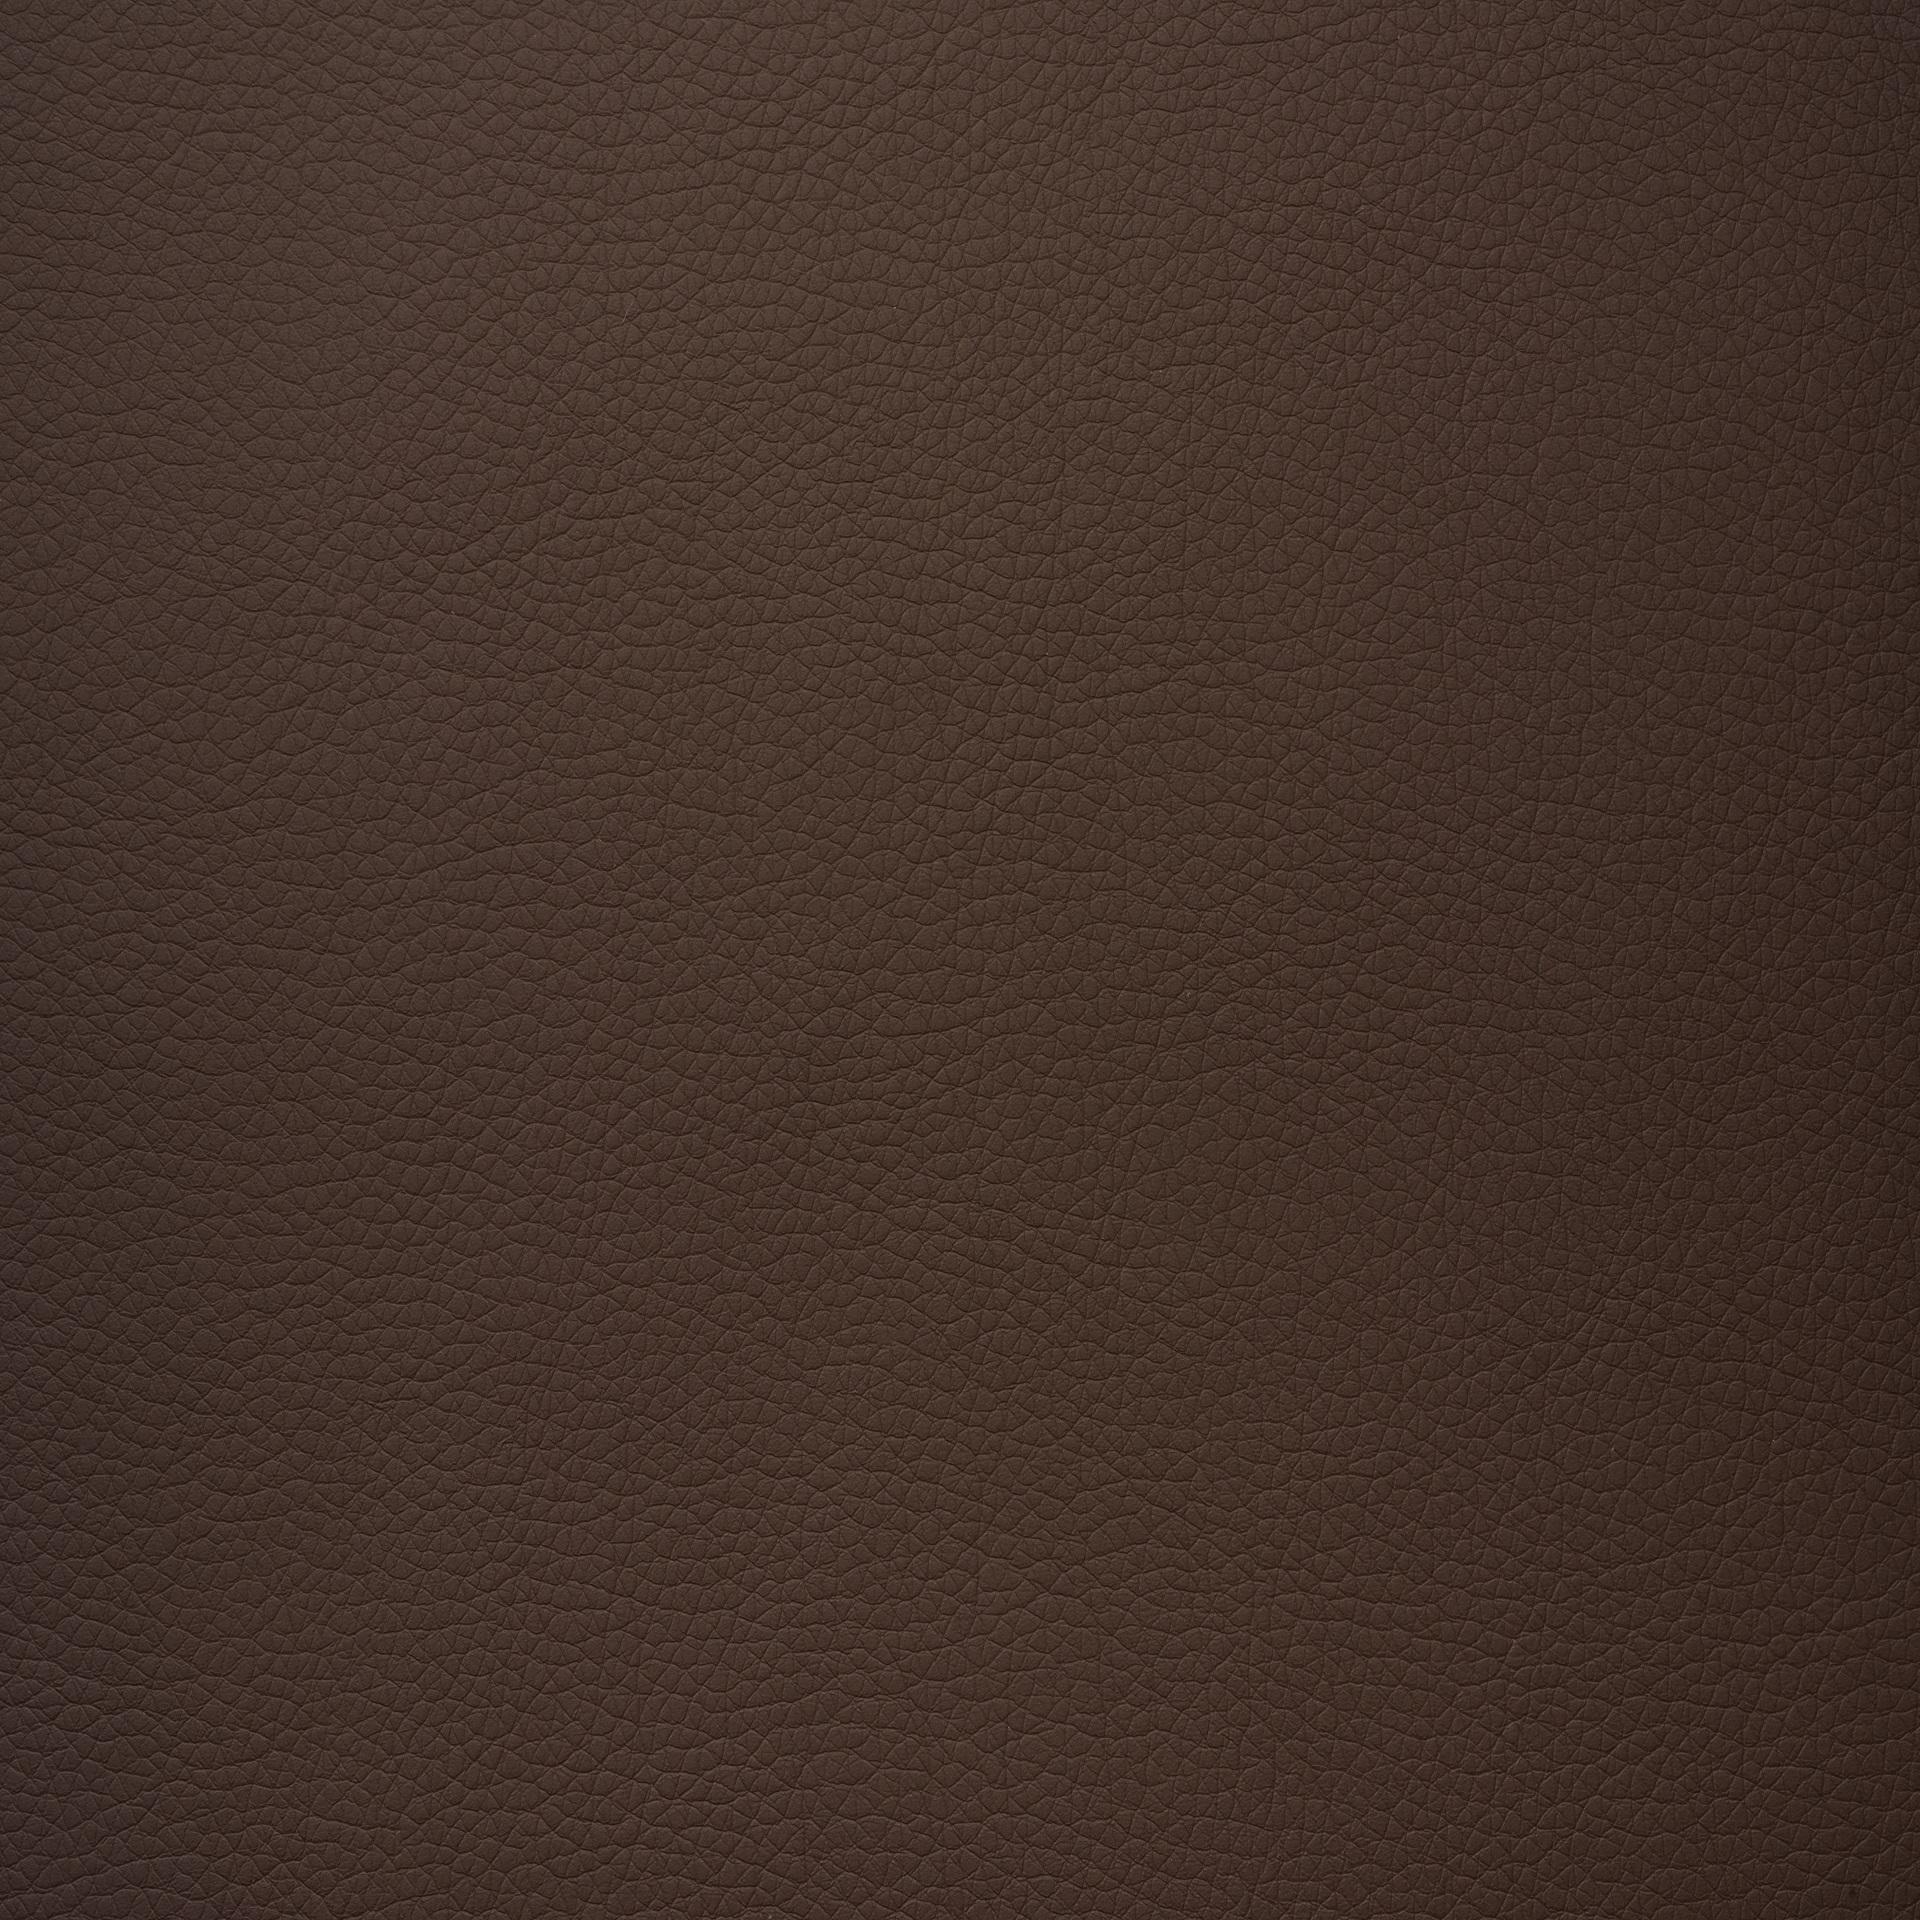 Коллекция ткани Флай 2246,  купить ткань Кож зам для мебели Украина